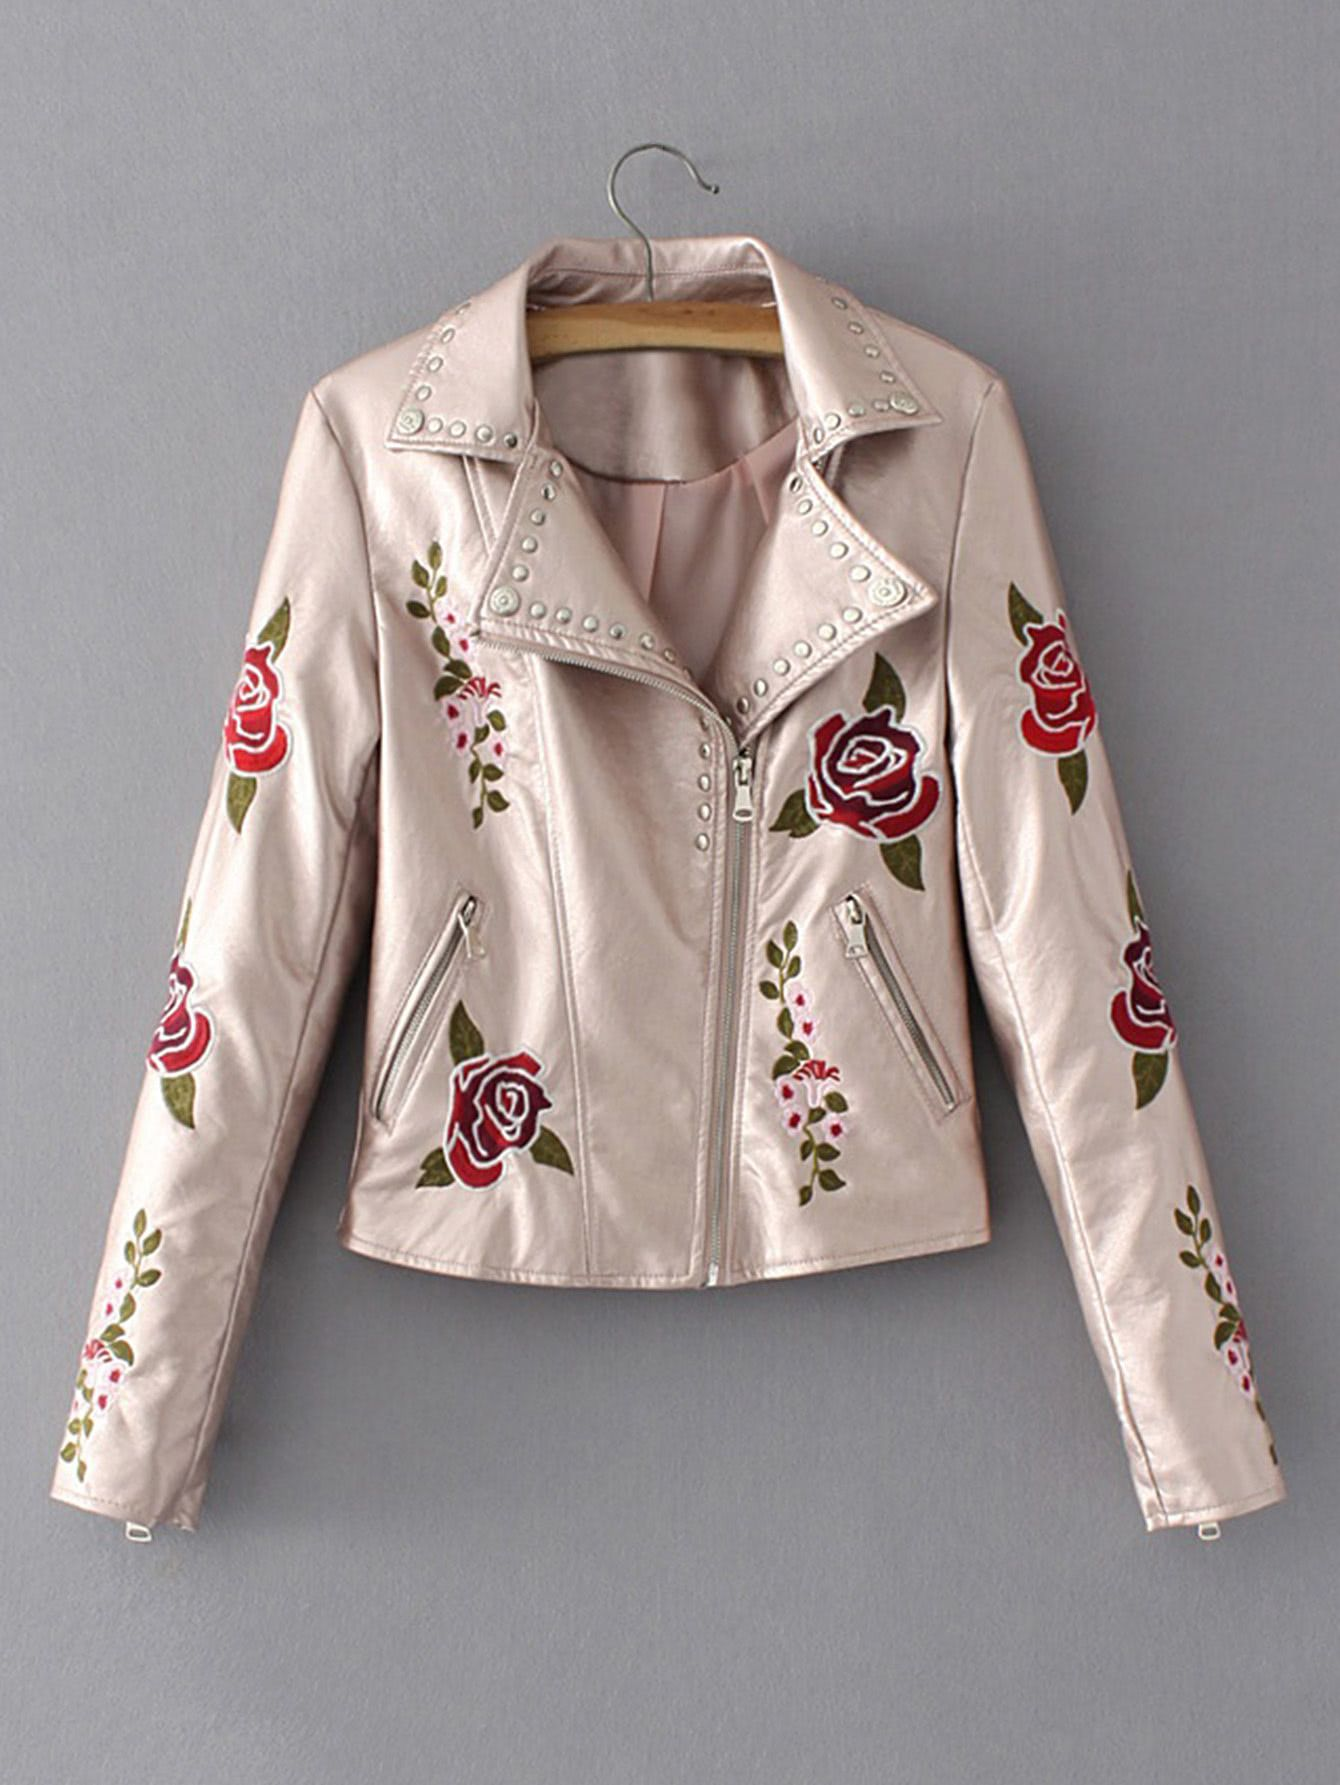 mirada detallada c79a8 01500 Consigue este tipo de chaqueta de cuero de SheIn ahora! Haz ...